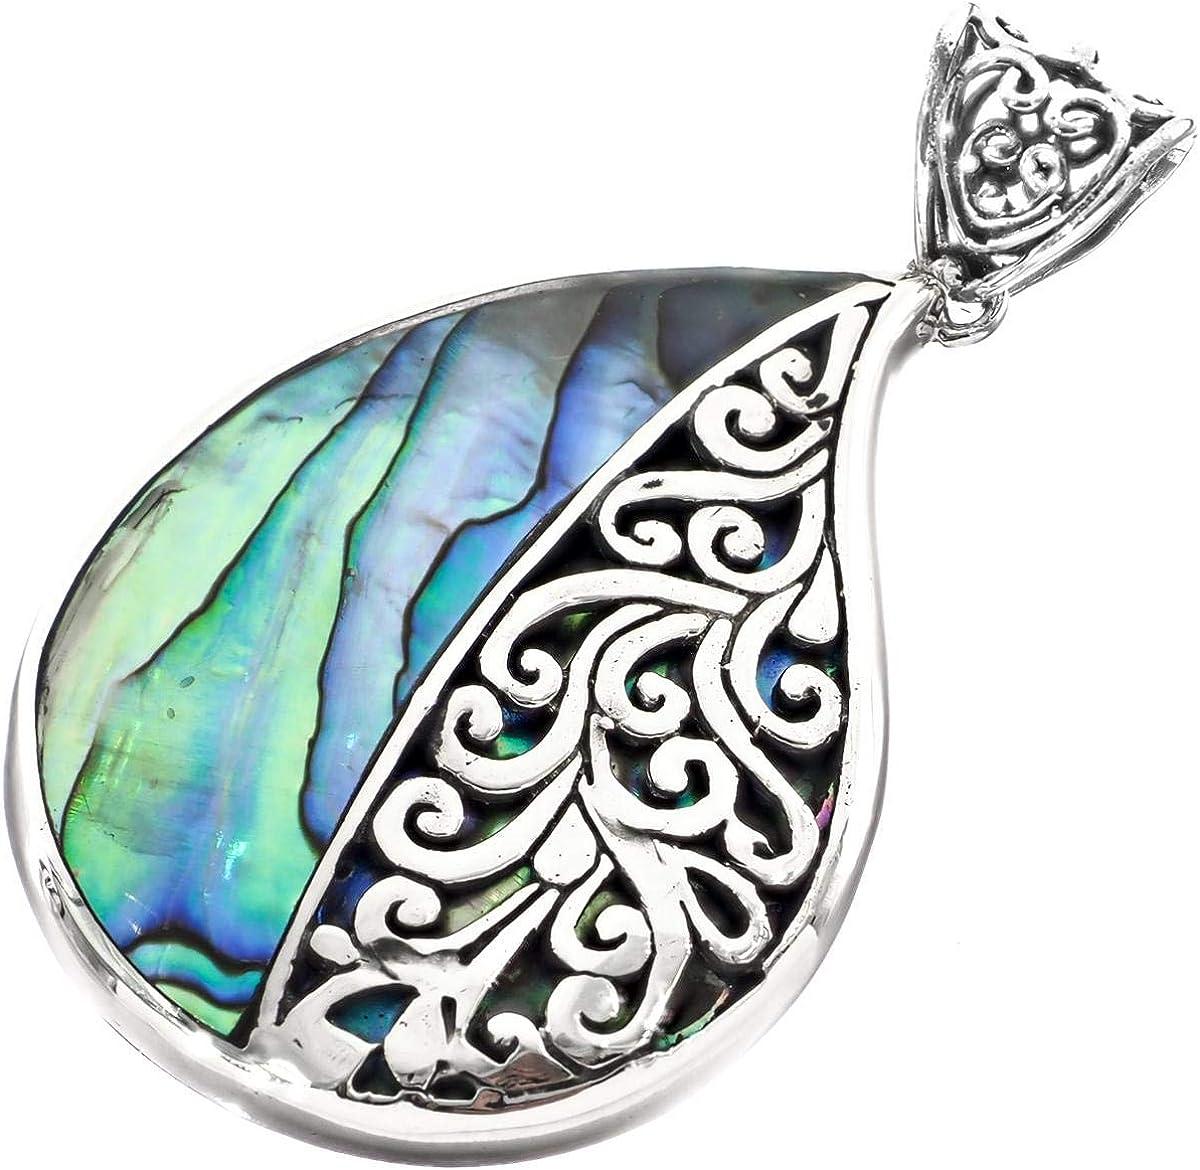 Teardrop Paua Abalone Shell Scrollwork 925 Sterling Silver Pendant 2